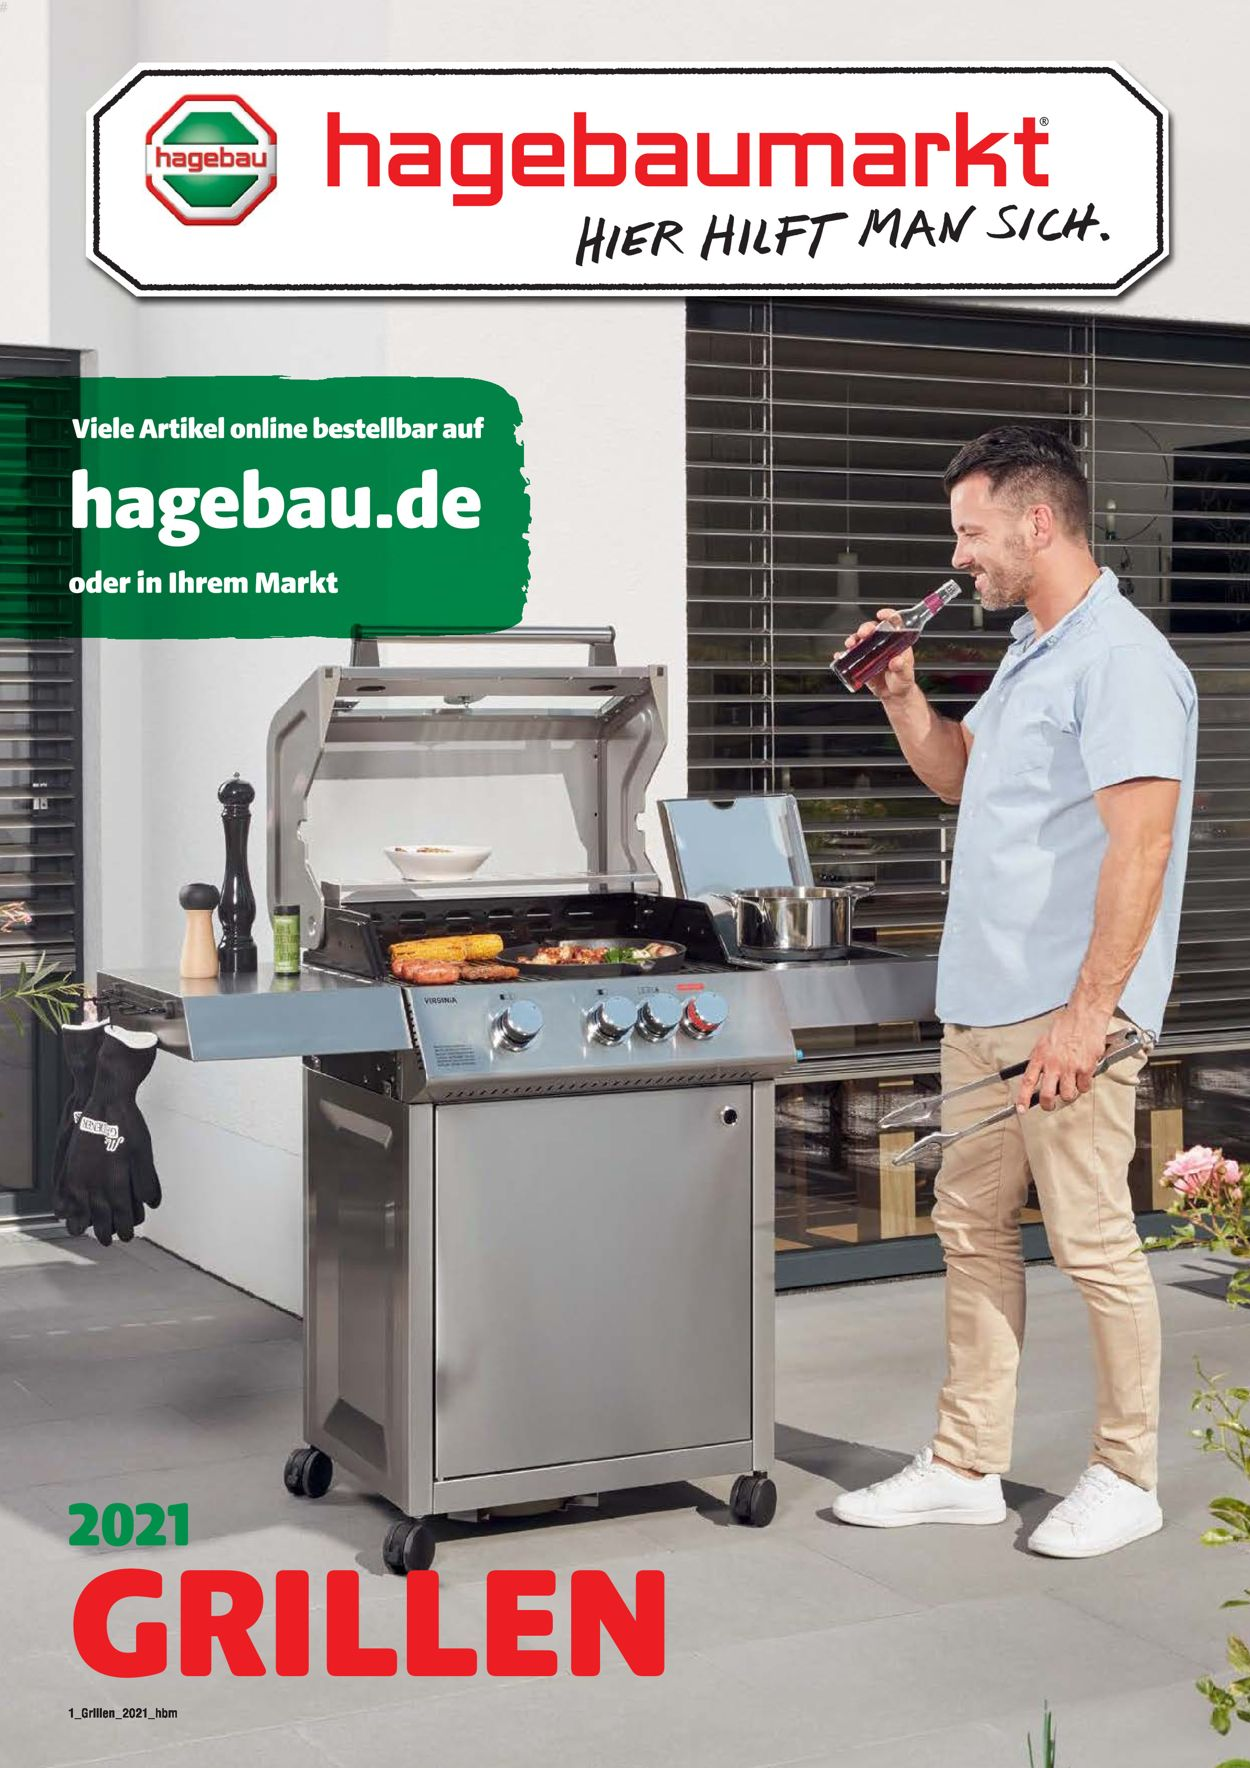 hagebaumarkt Grillen Prospekt - Aktuell vom 01.03-30.06.2021